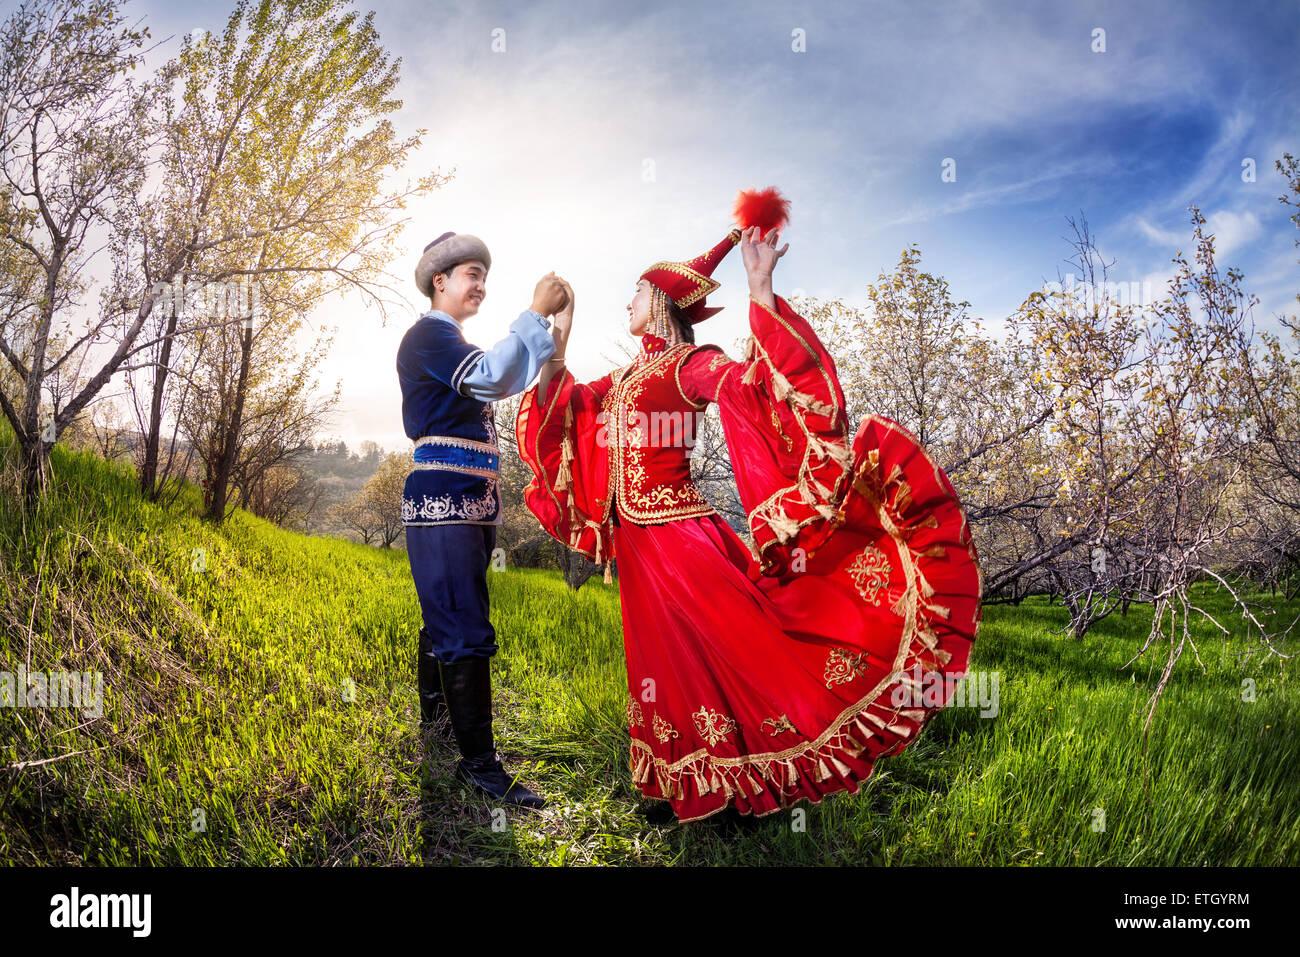 Il kazako woman dancing in abito rosso con l'uomo nella primavera del giardino di apple ad Almaty in Kazakistan Immagini Stock